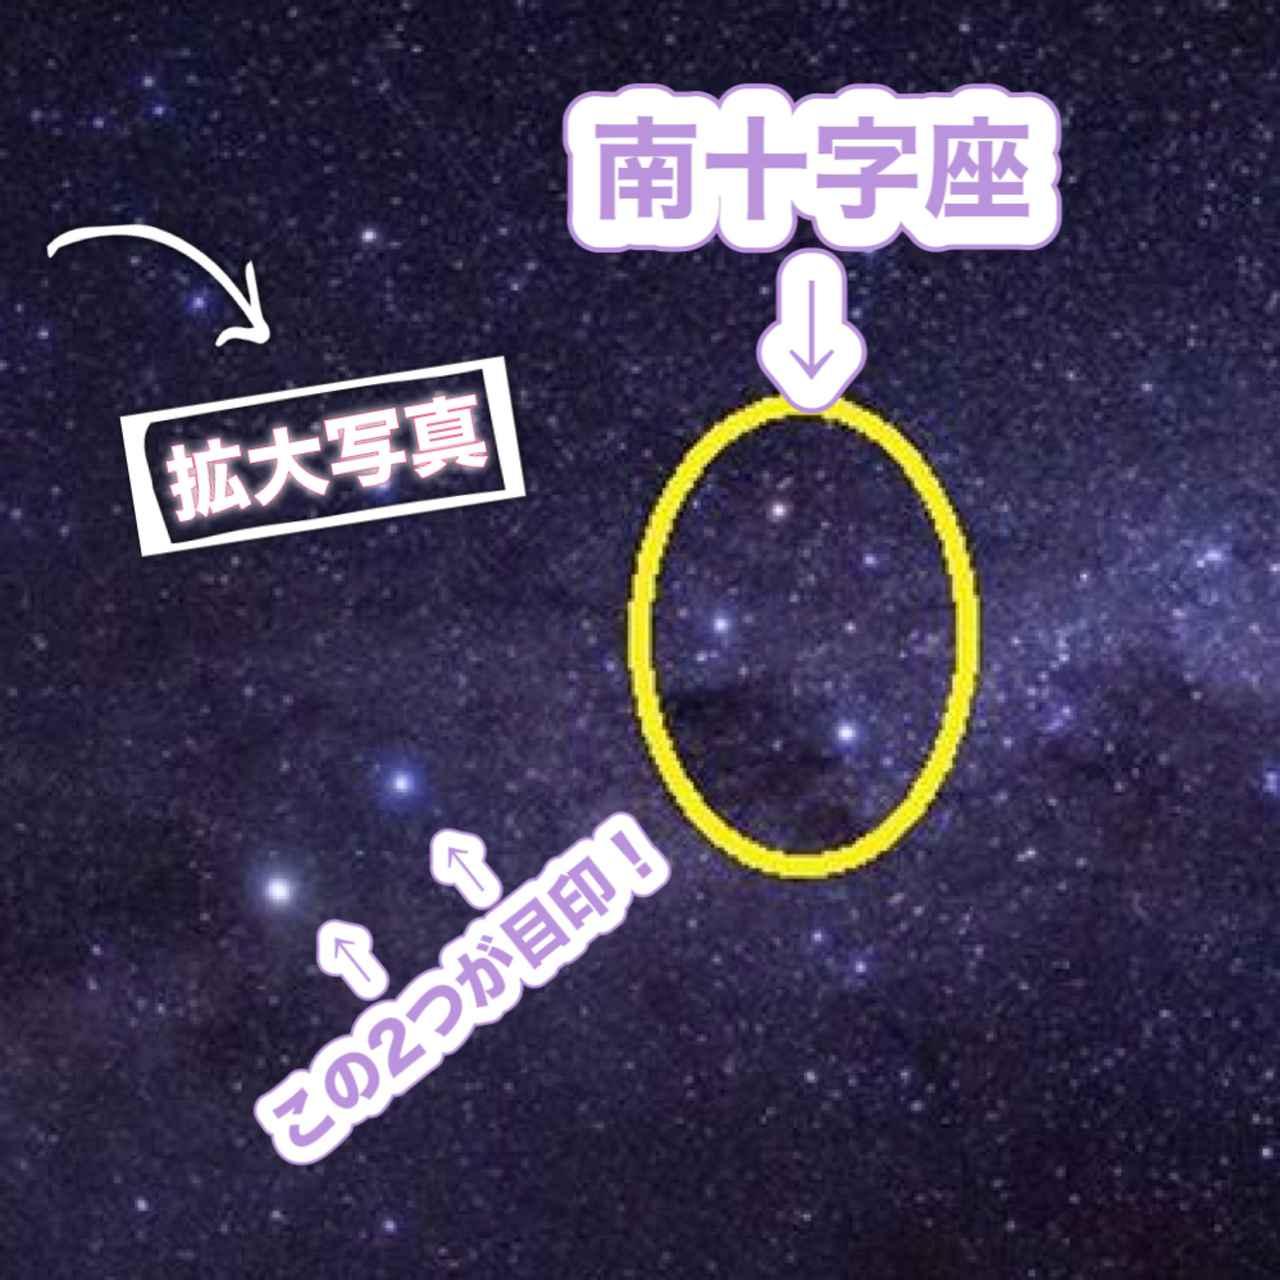 画像: 【正解はコチラ!】南十字座(南十字星) ©2021 Hide Ozawa All Rights Reserved